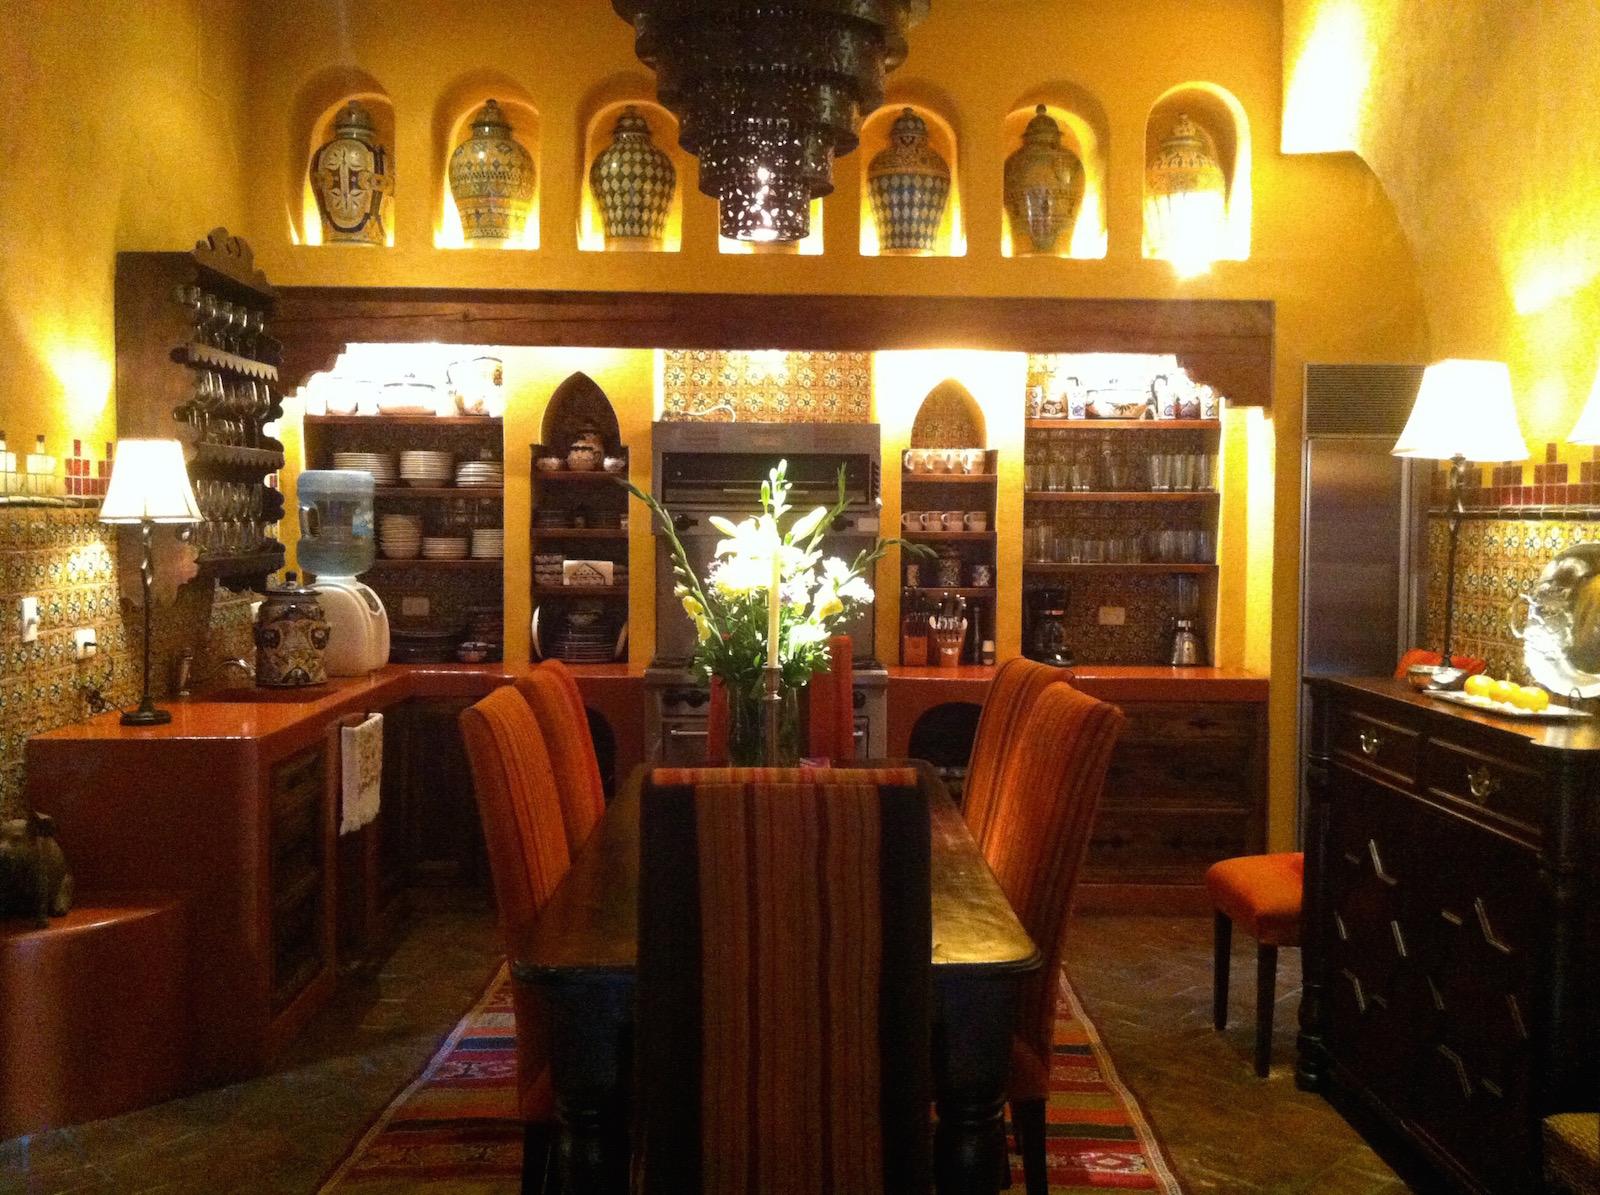 CasaZeta_11 kitchen